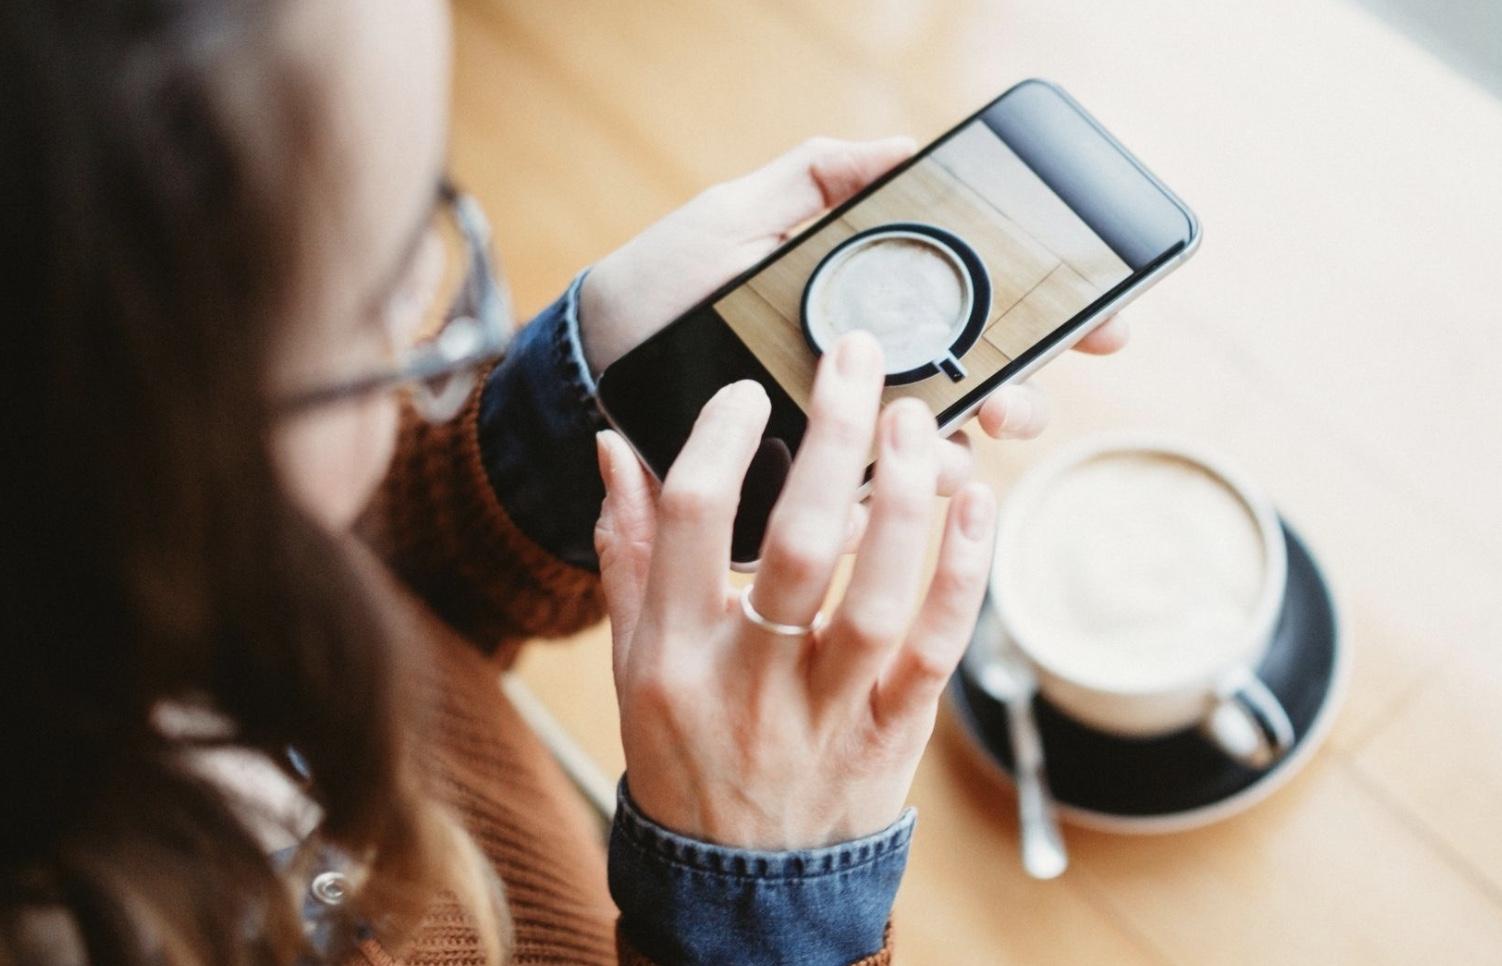 Bibliotheekbollenstreek.nl /volksuniversiteit 'fotograferen met je smartphone'